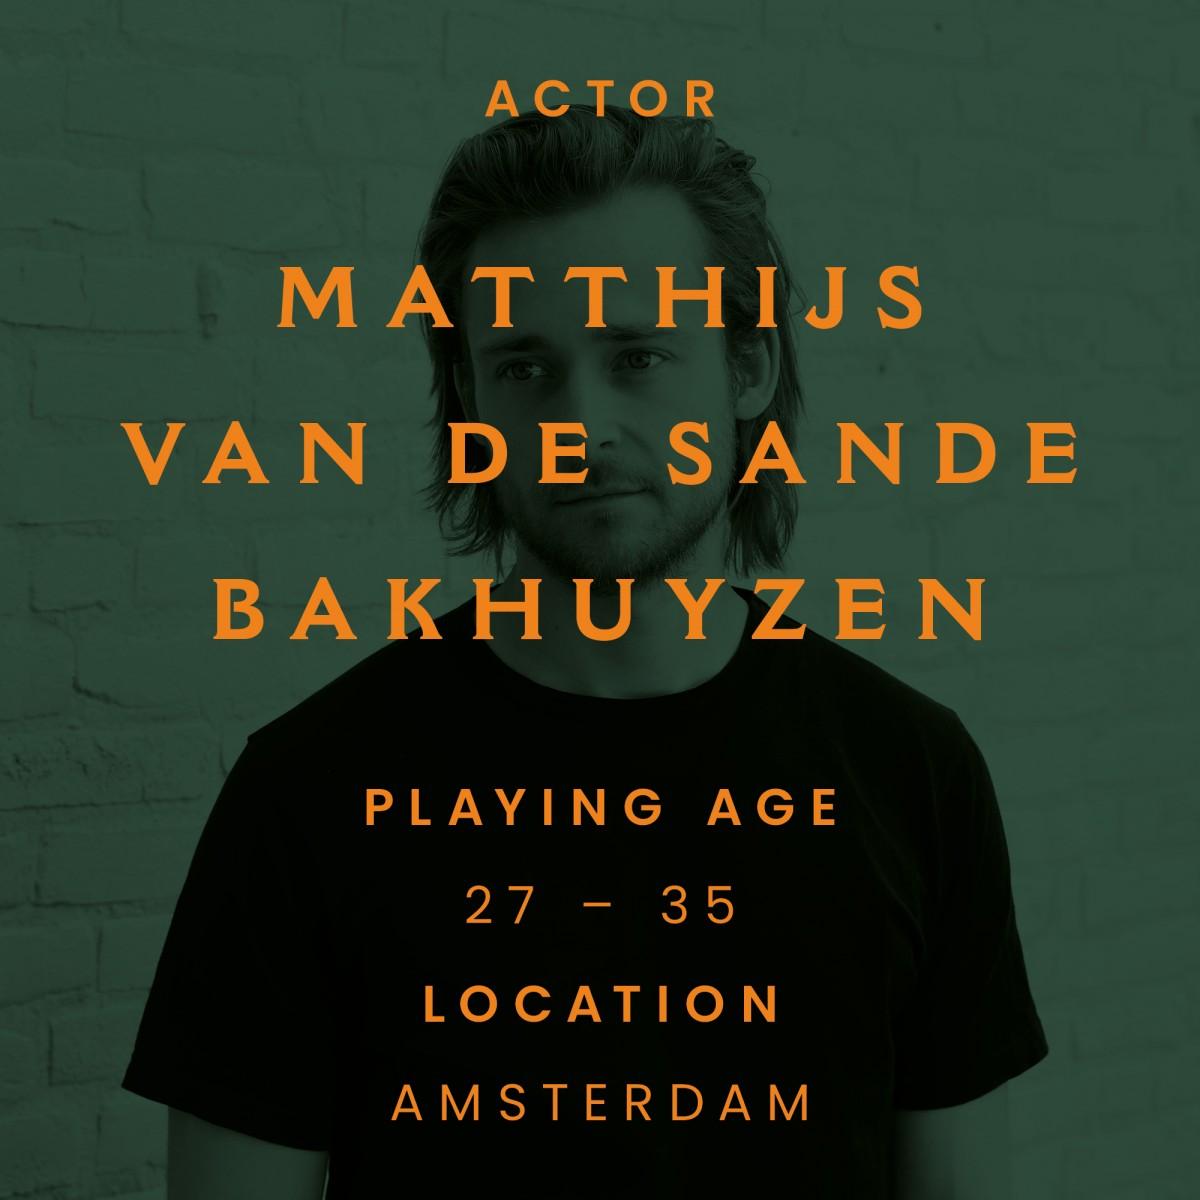 Matthijs van de Sande Bakhuyzen, actor, Amsterdam